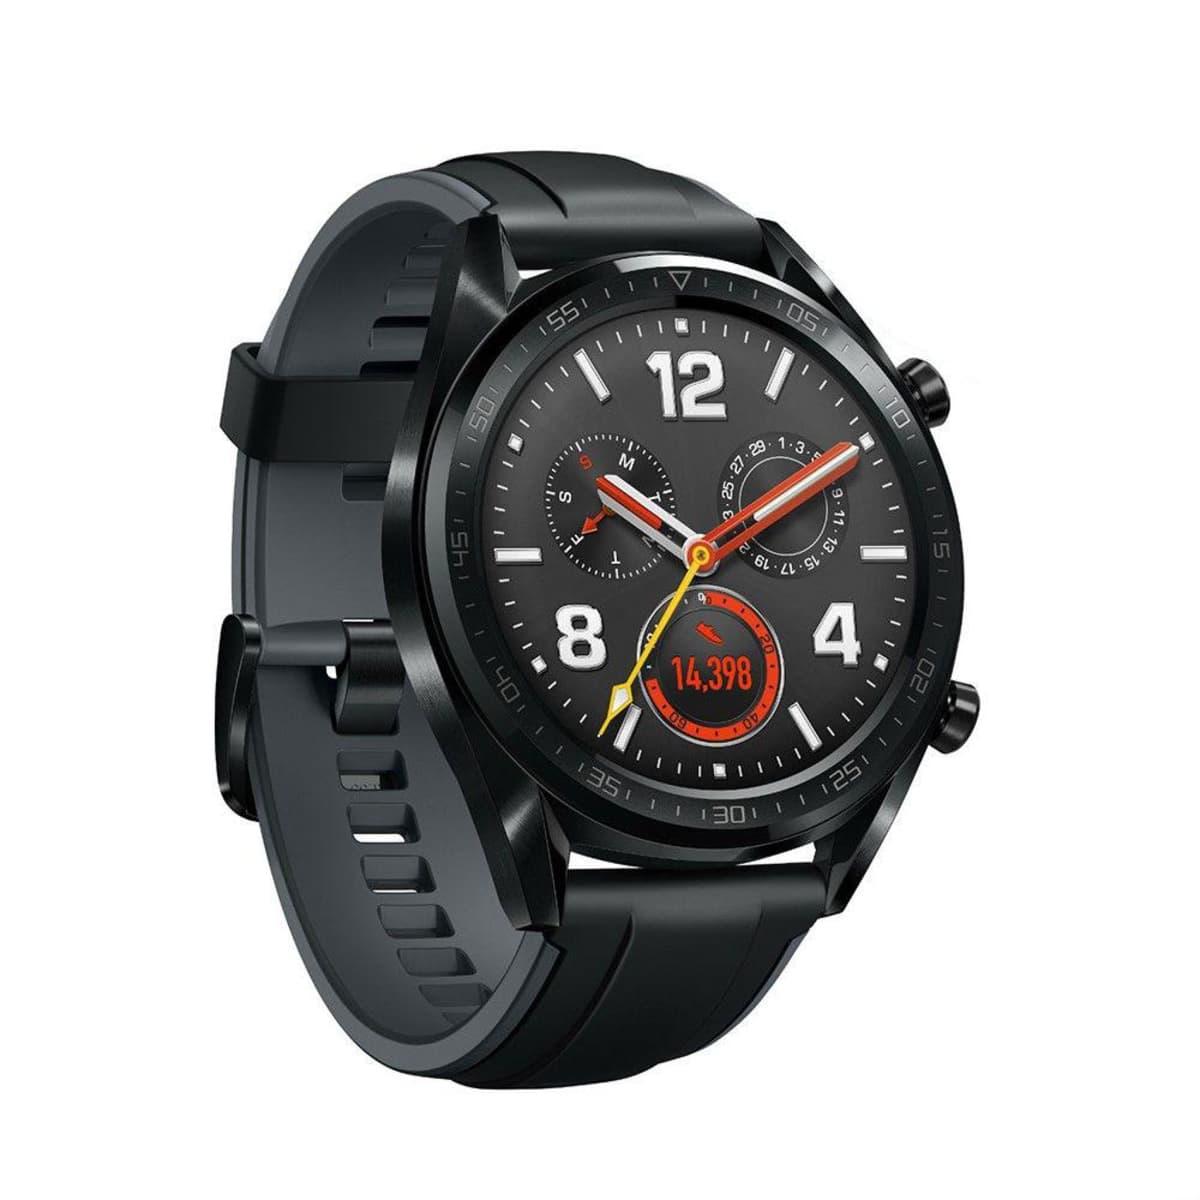 5f6666be781 Huawei GT Sport Multisport GPS Watch